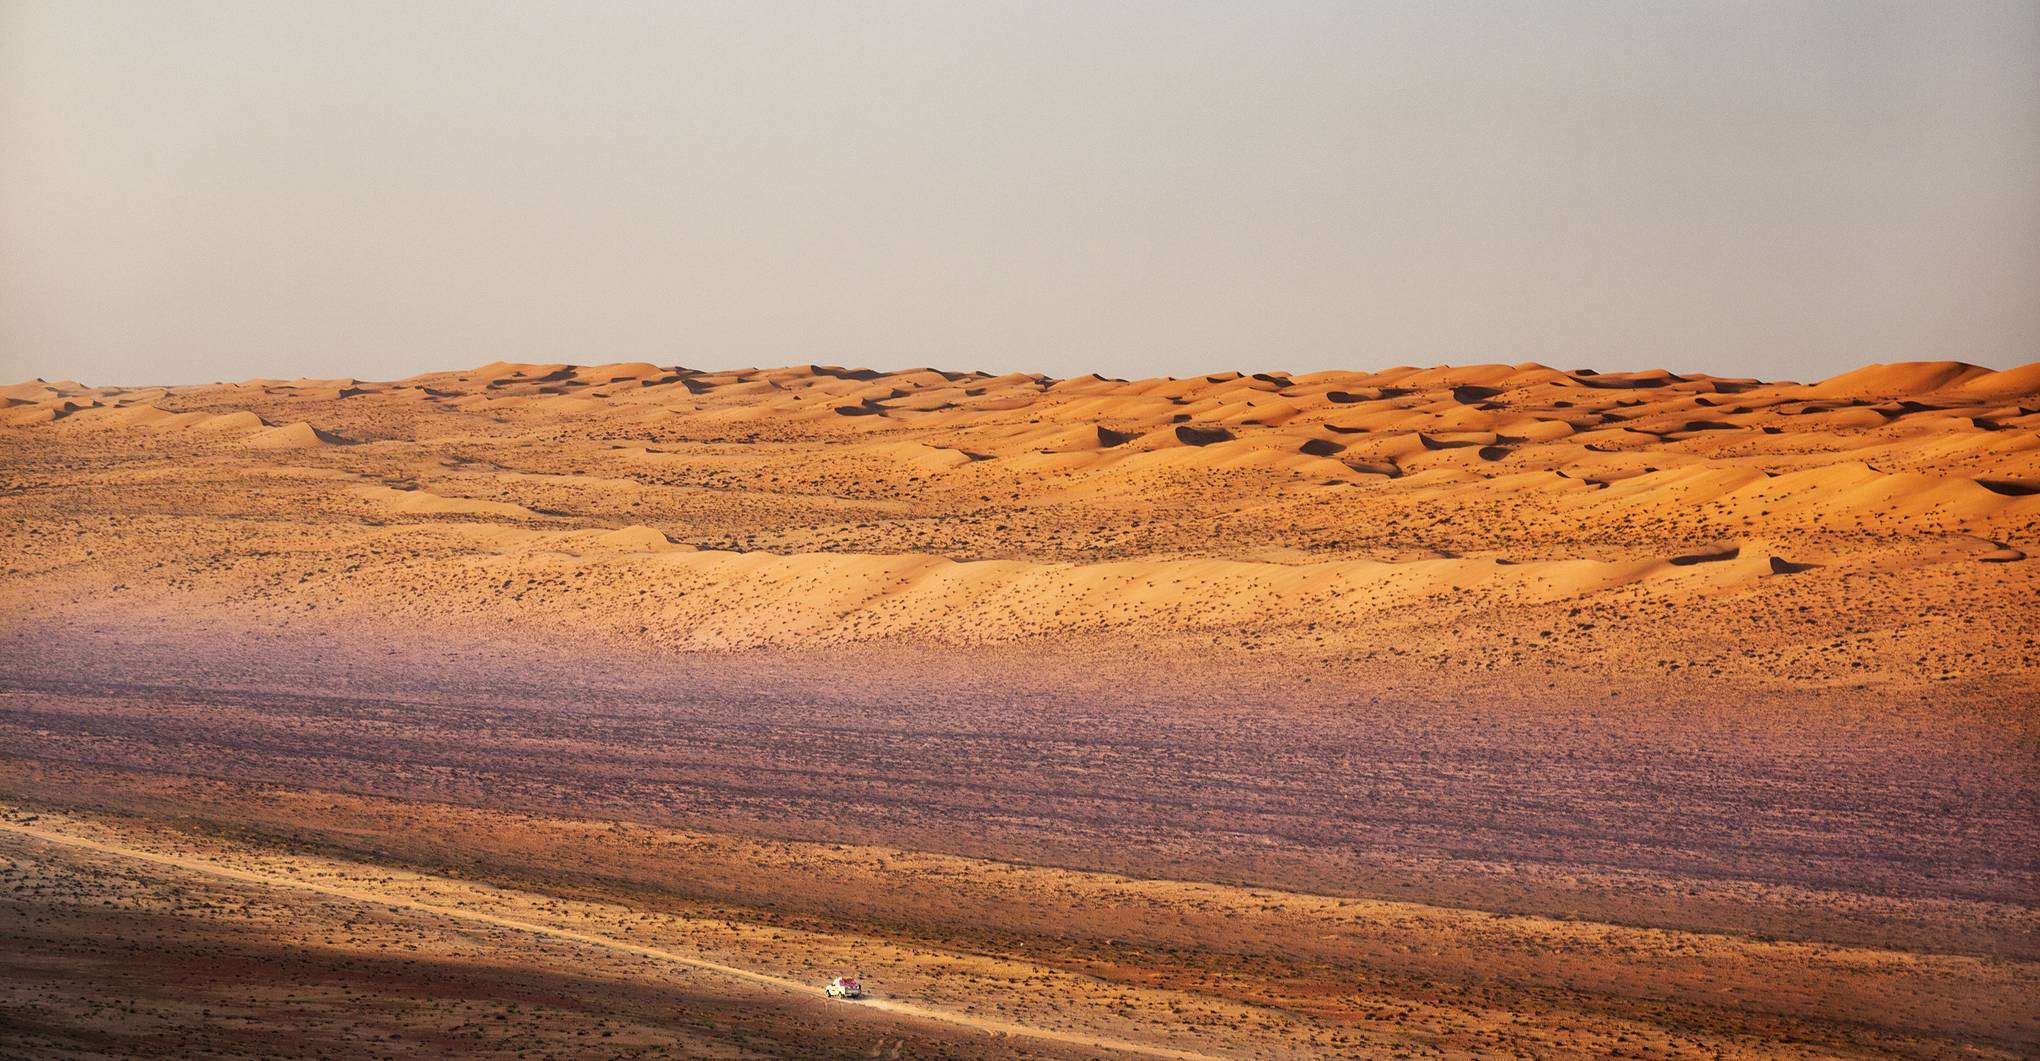 Desert safari in Oman